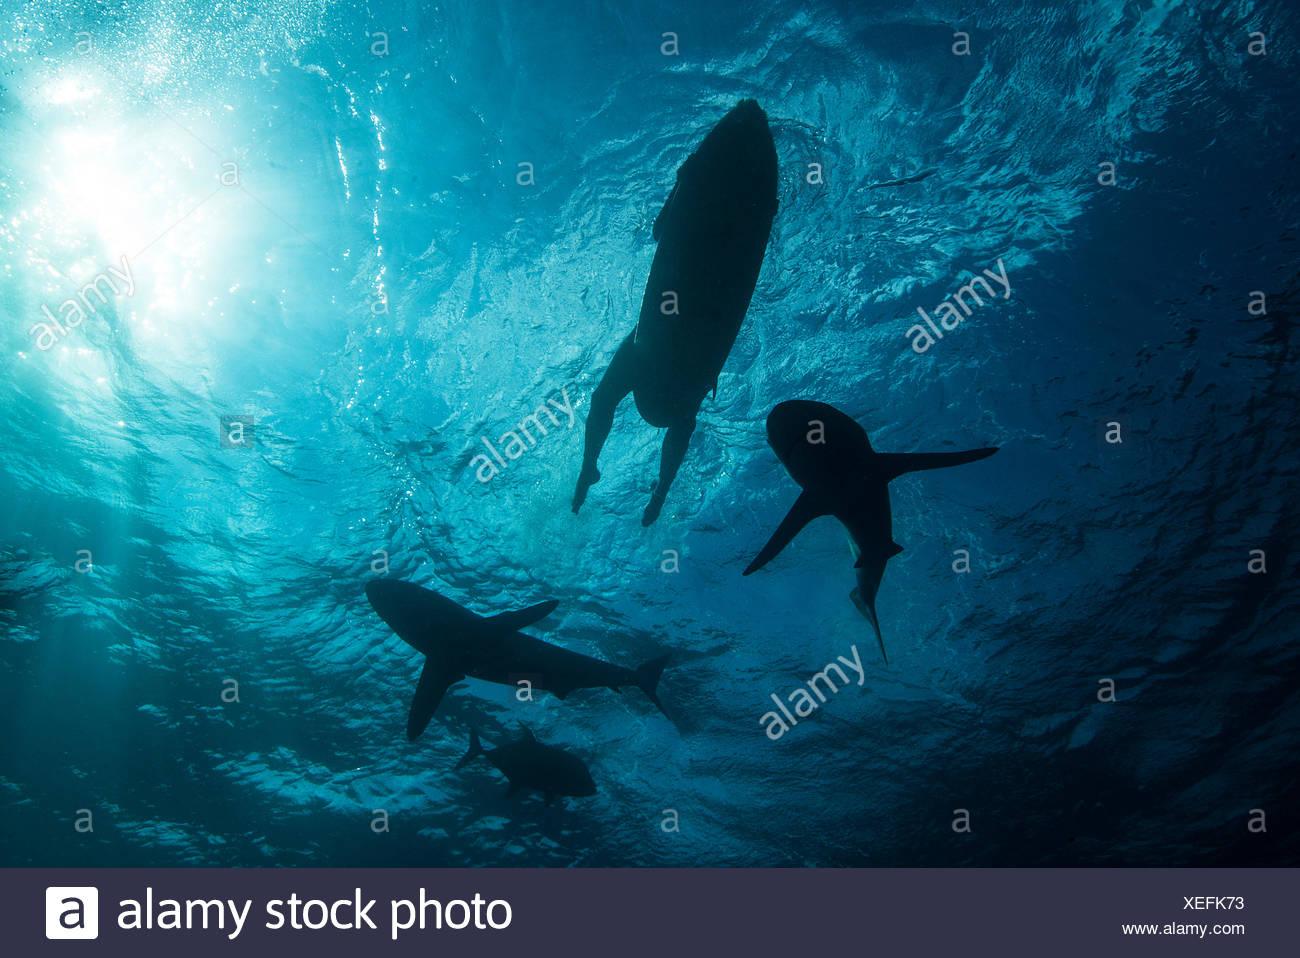 Low angle sous-vue de surfer sur une planche de surf avec les requins, Colima, Mexique Photo Stock